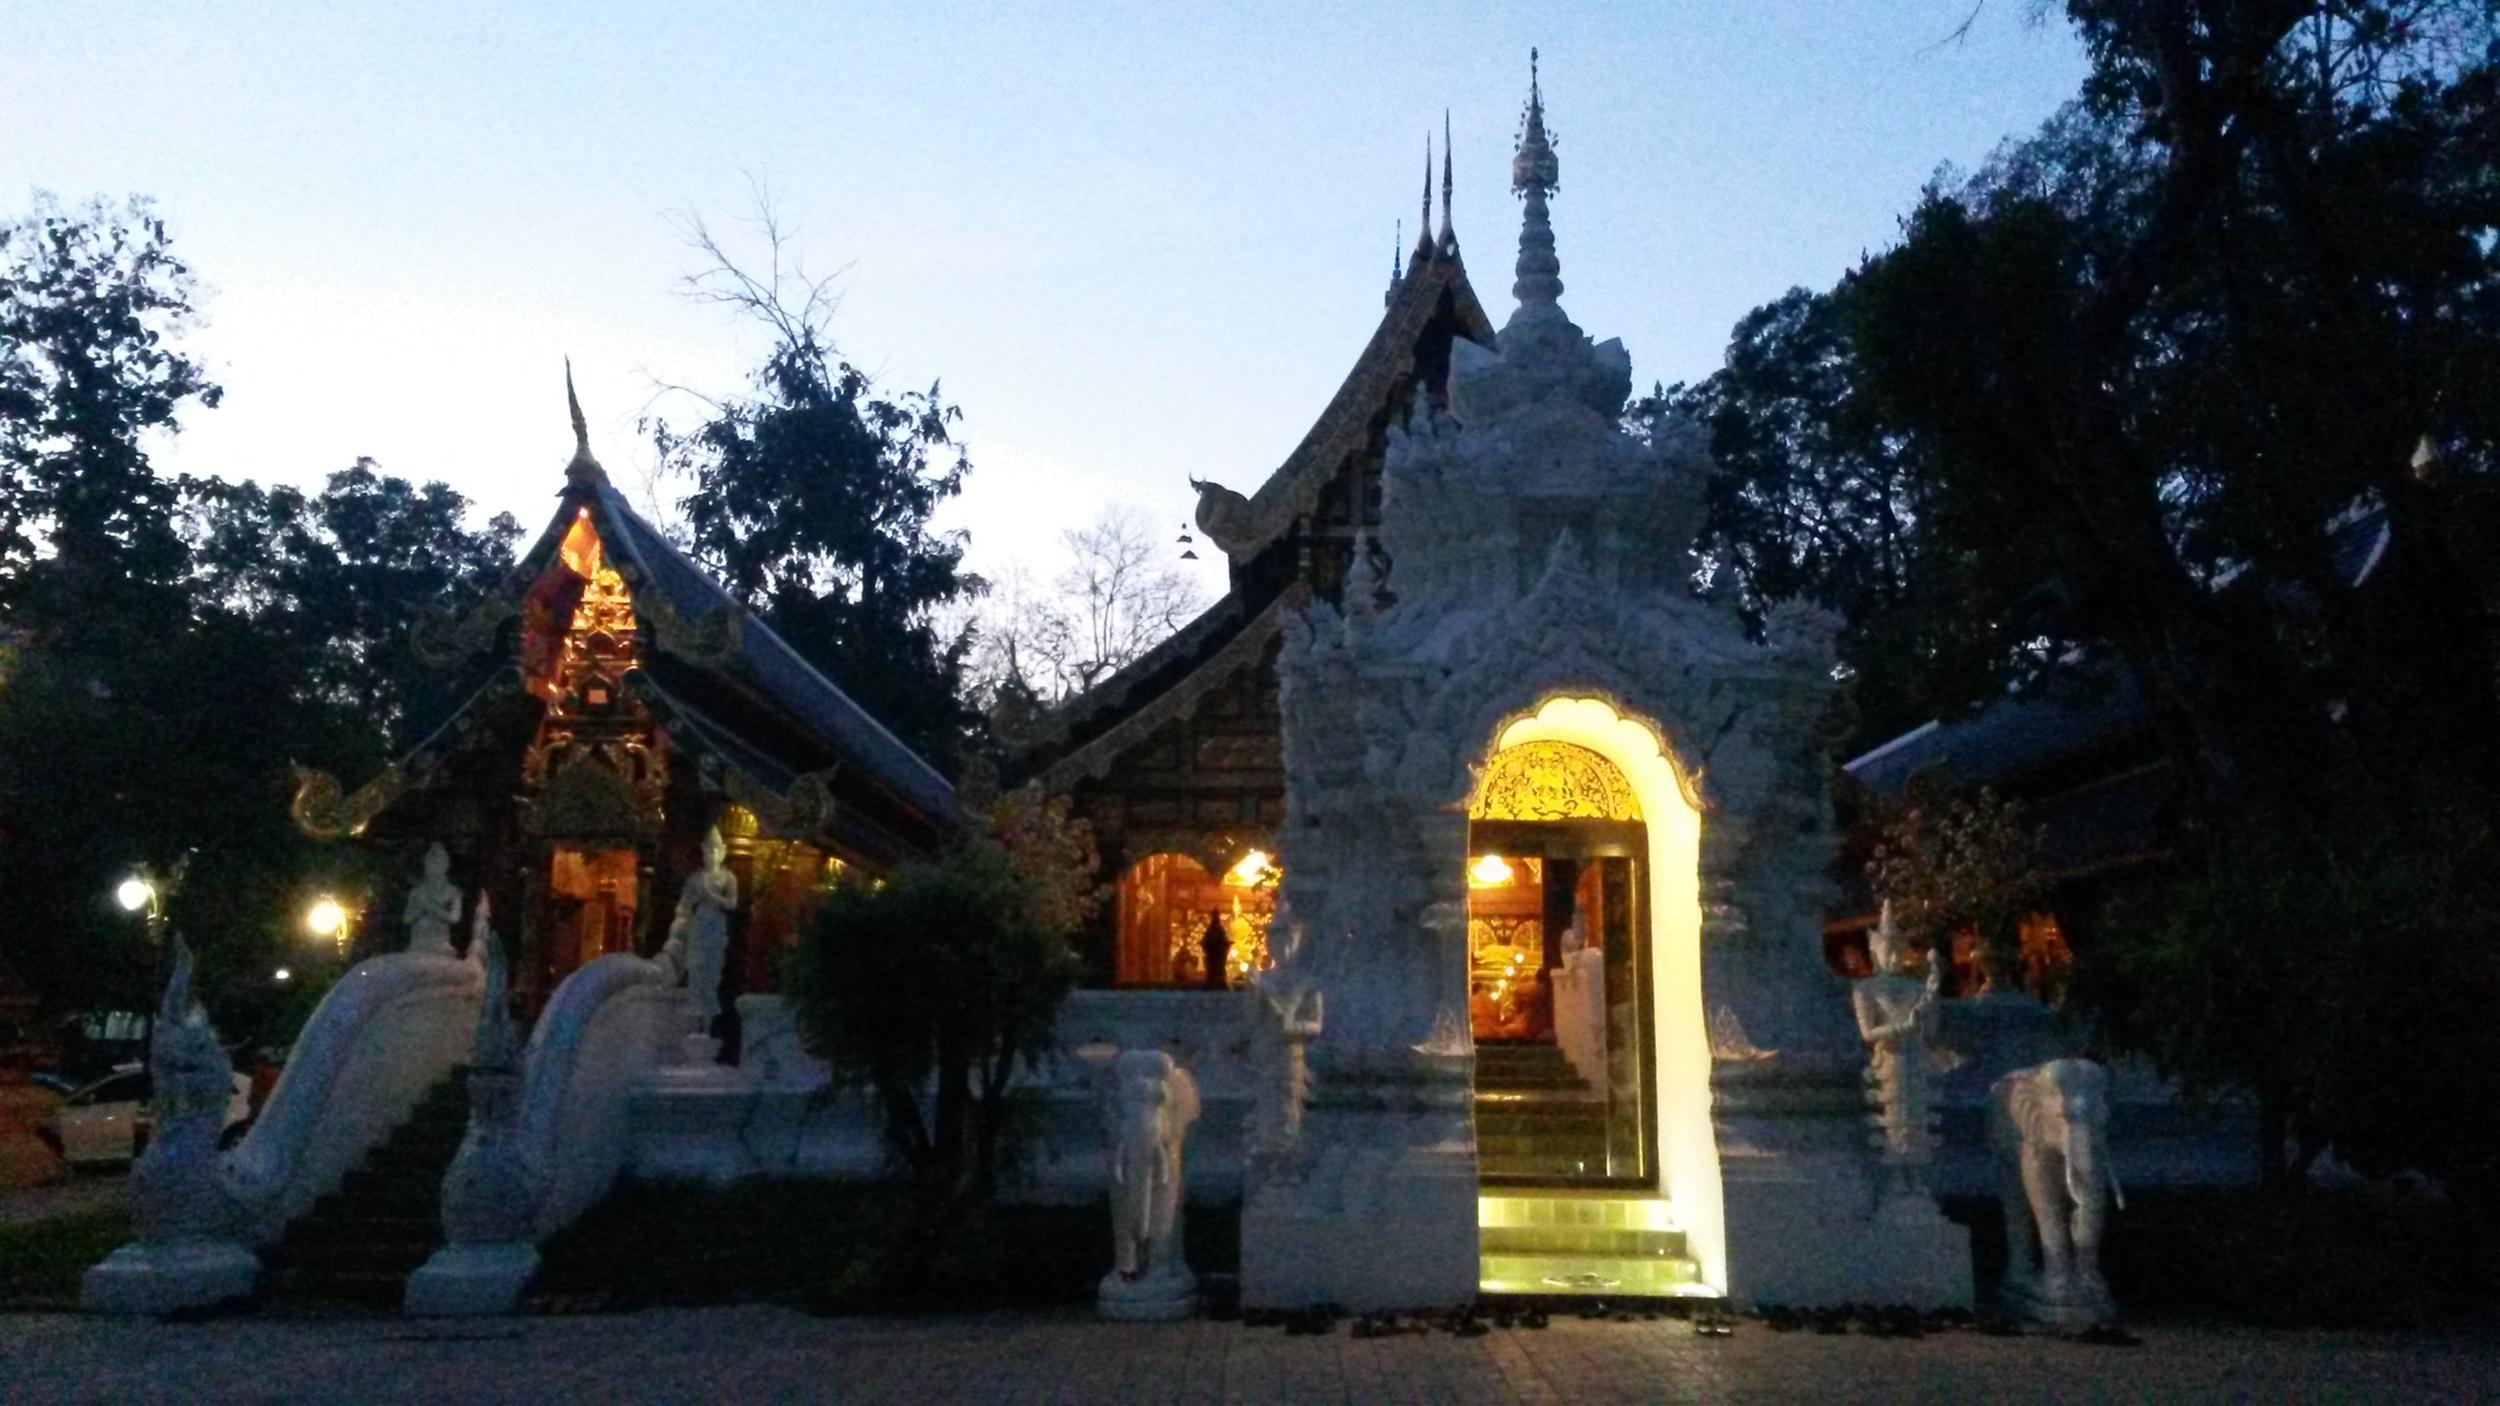 Abends: In der Halle sitzen die Mönche beim Chanting